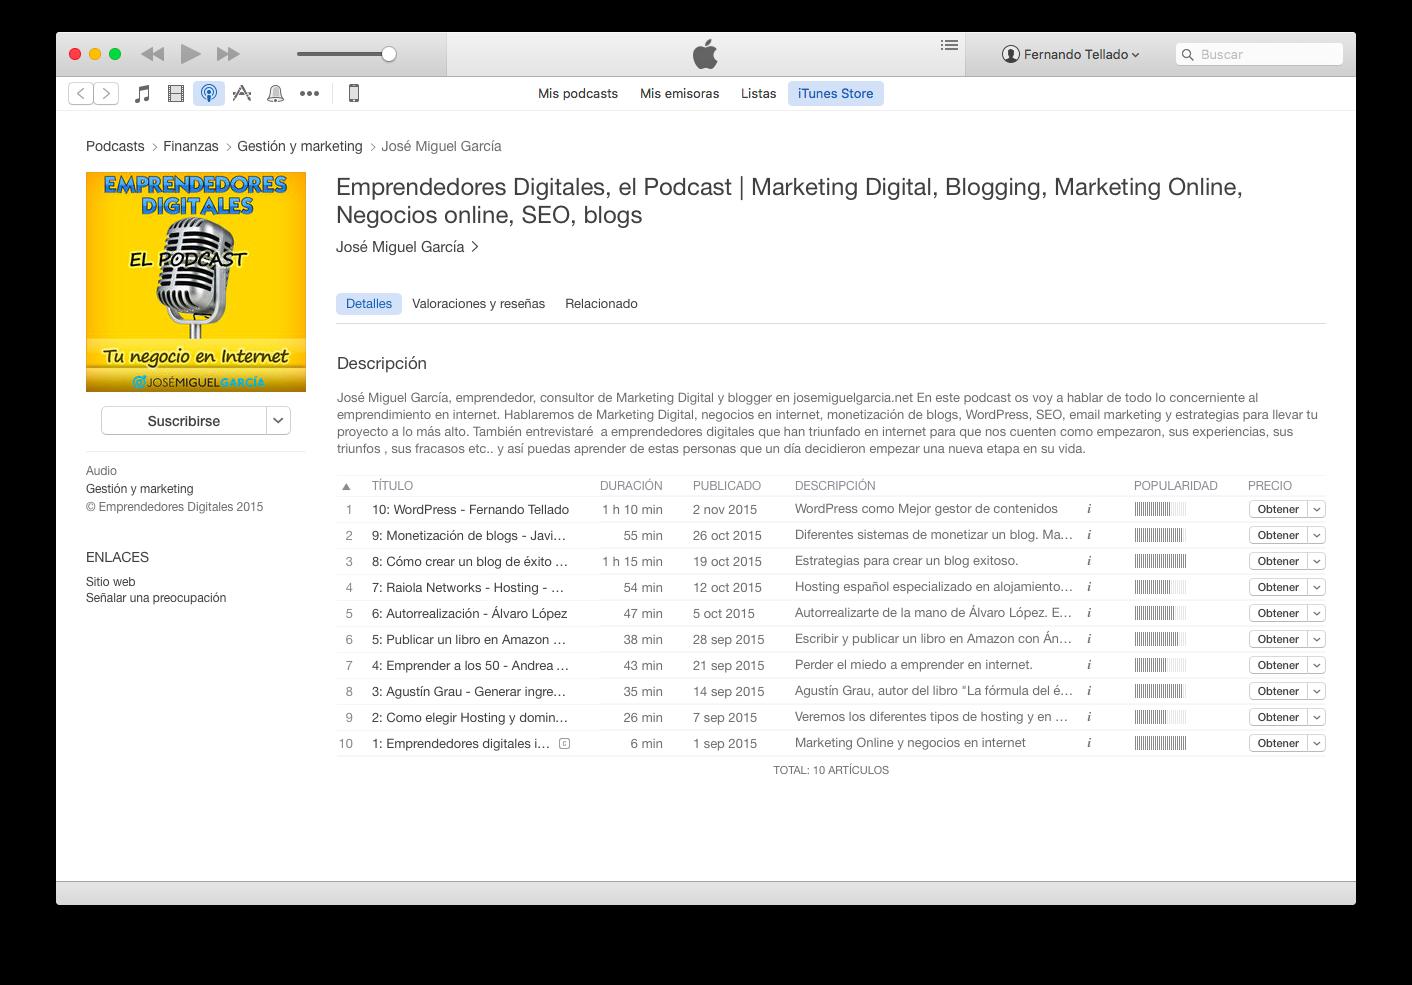 fernando-tellado-entrevista-emprendedores-digitales